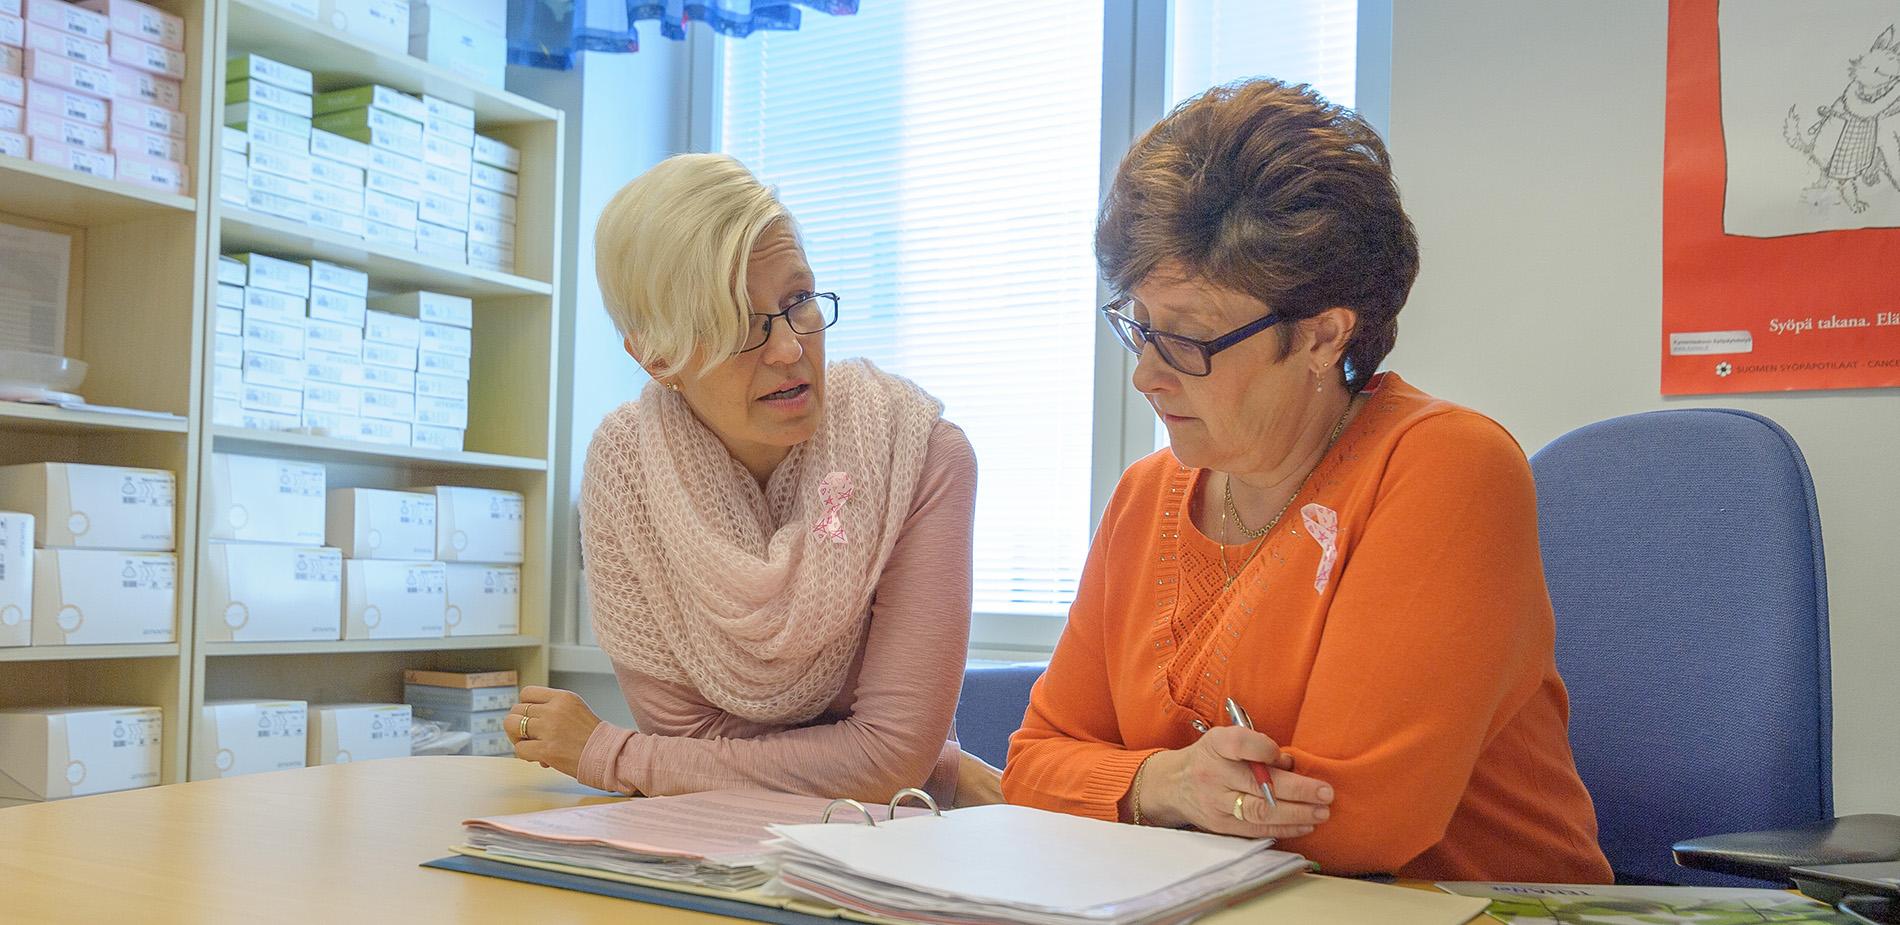 Sairaanhoitajaa keskustelevat pöydän ääressä syöpään liittyvistä asioista